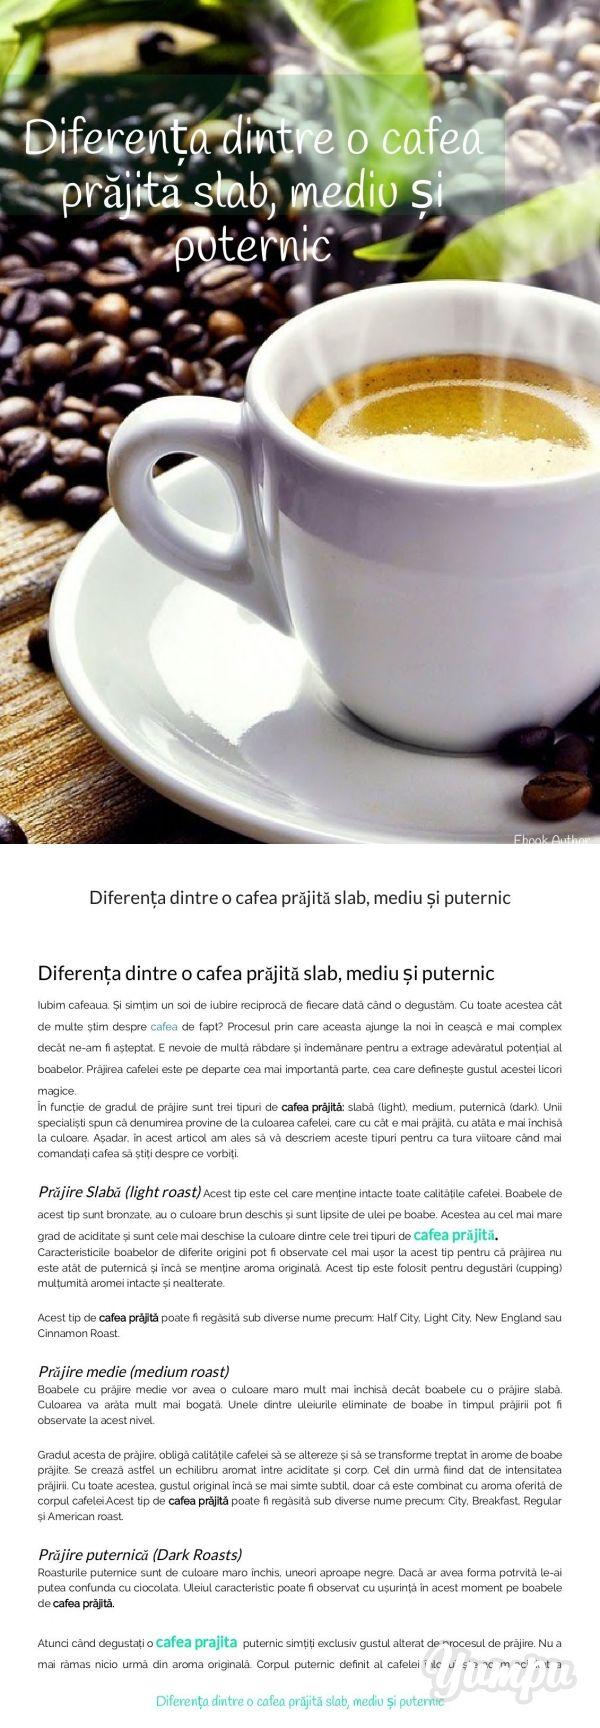 INCREDIBIL: A slăbit 24 kg în 2 luni datorită unei cafele! | alegsatraiesc.ro